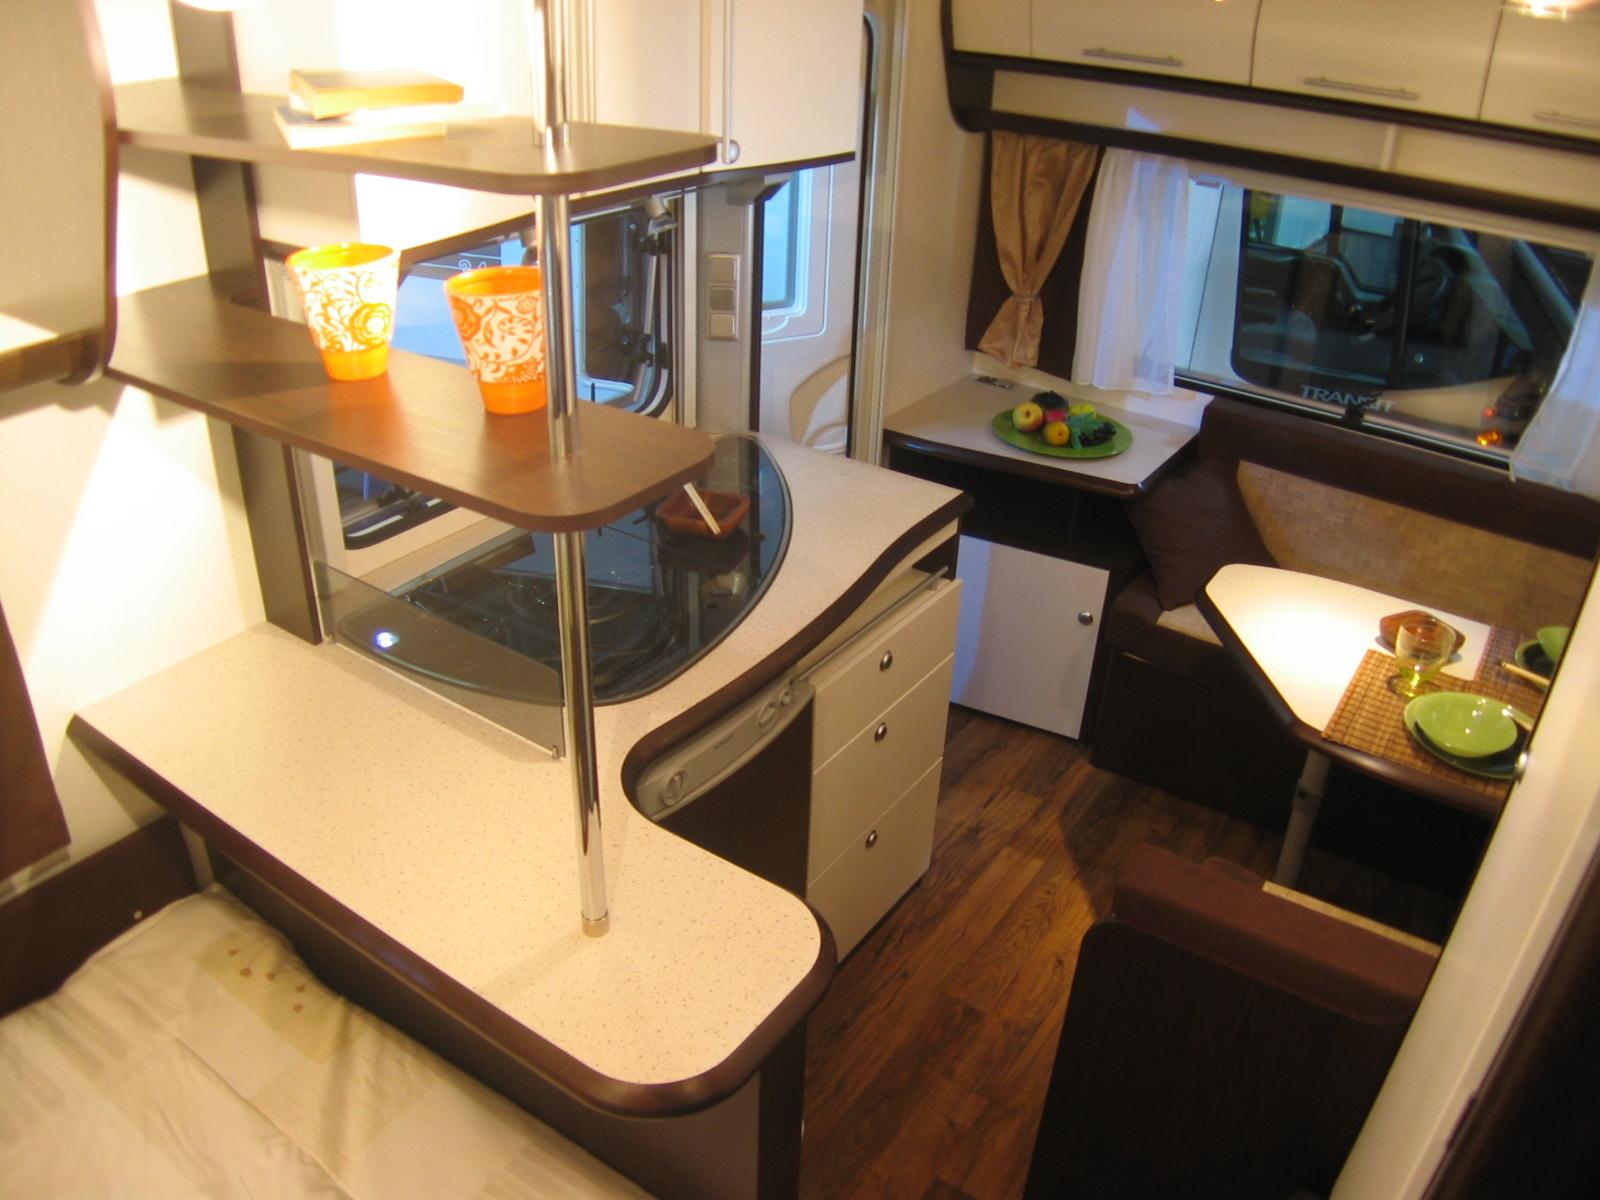 camping kleinanzeigen in gelsenkirchen seite 6. Black Bedroom Furniture Sets. Home Design Ideas